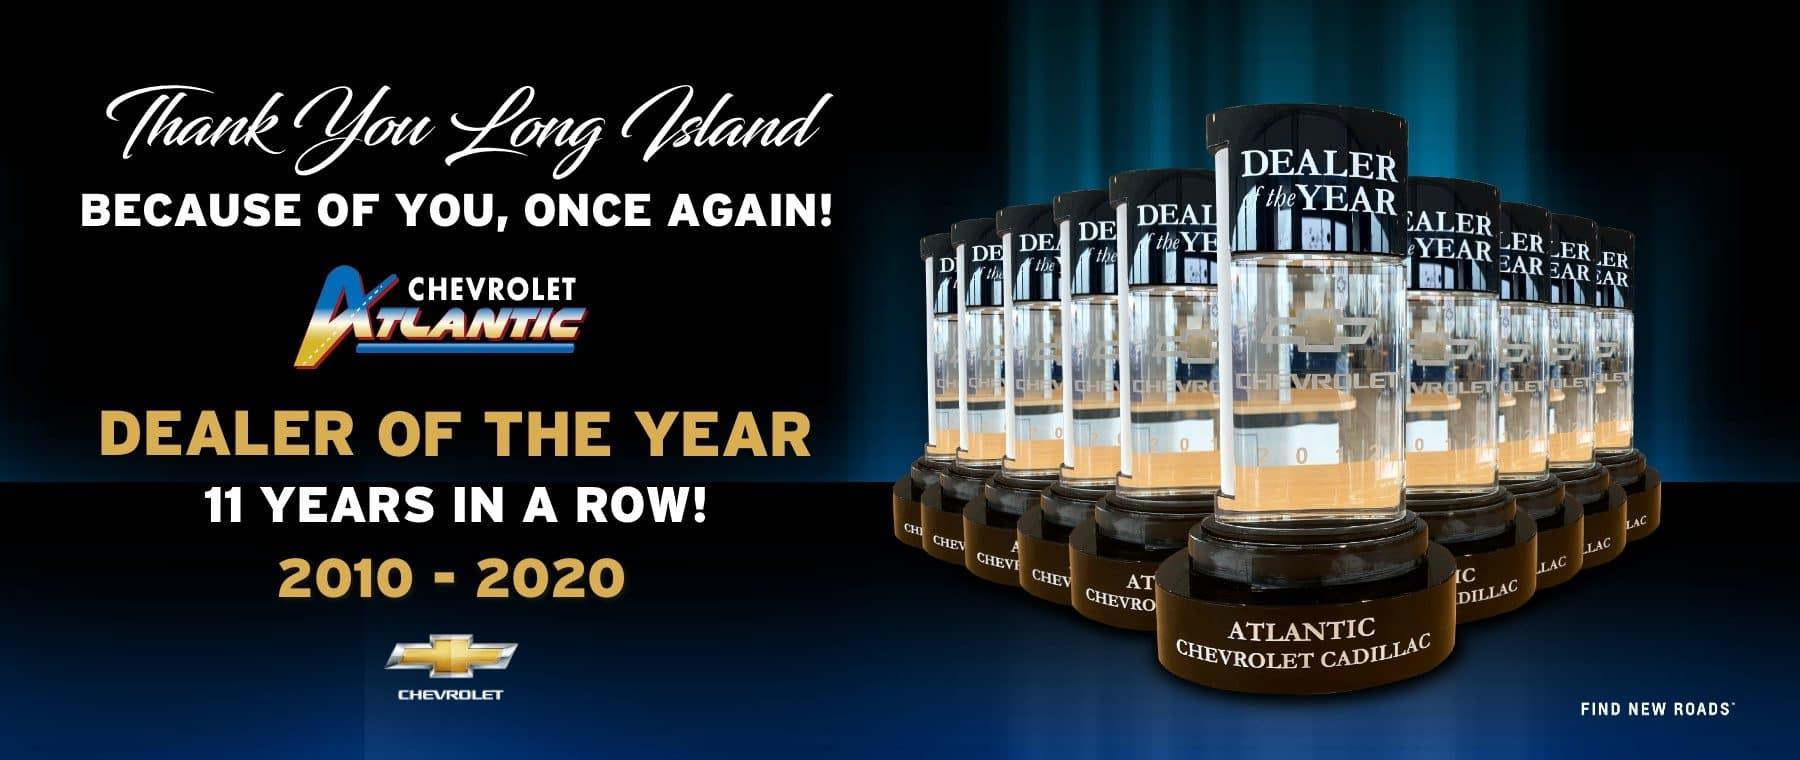 dealer of the year slide